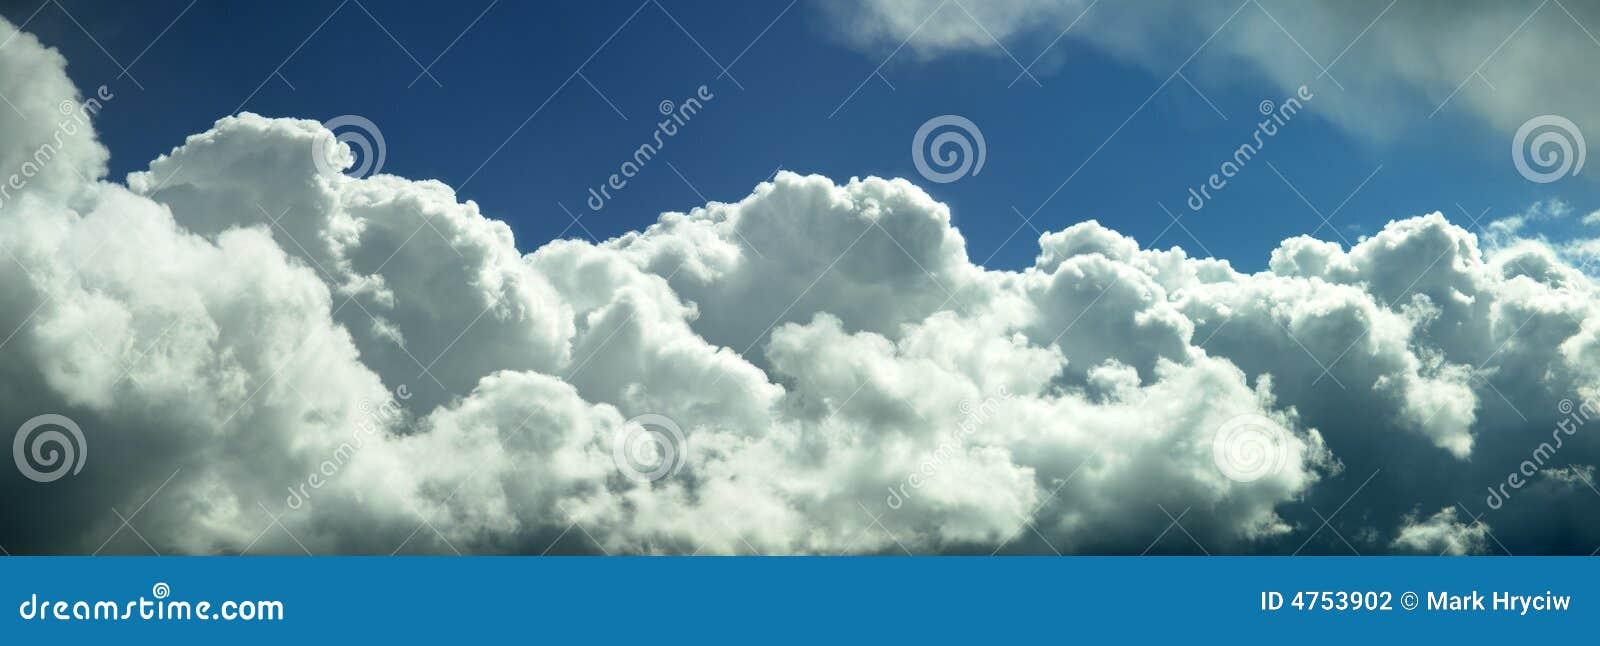 Het Witte Pluizige Panorama van wolken